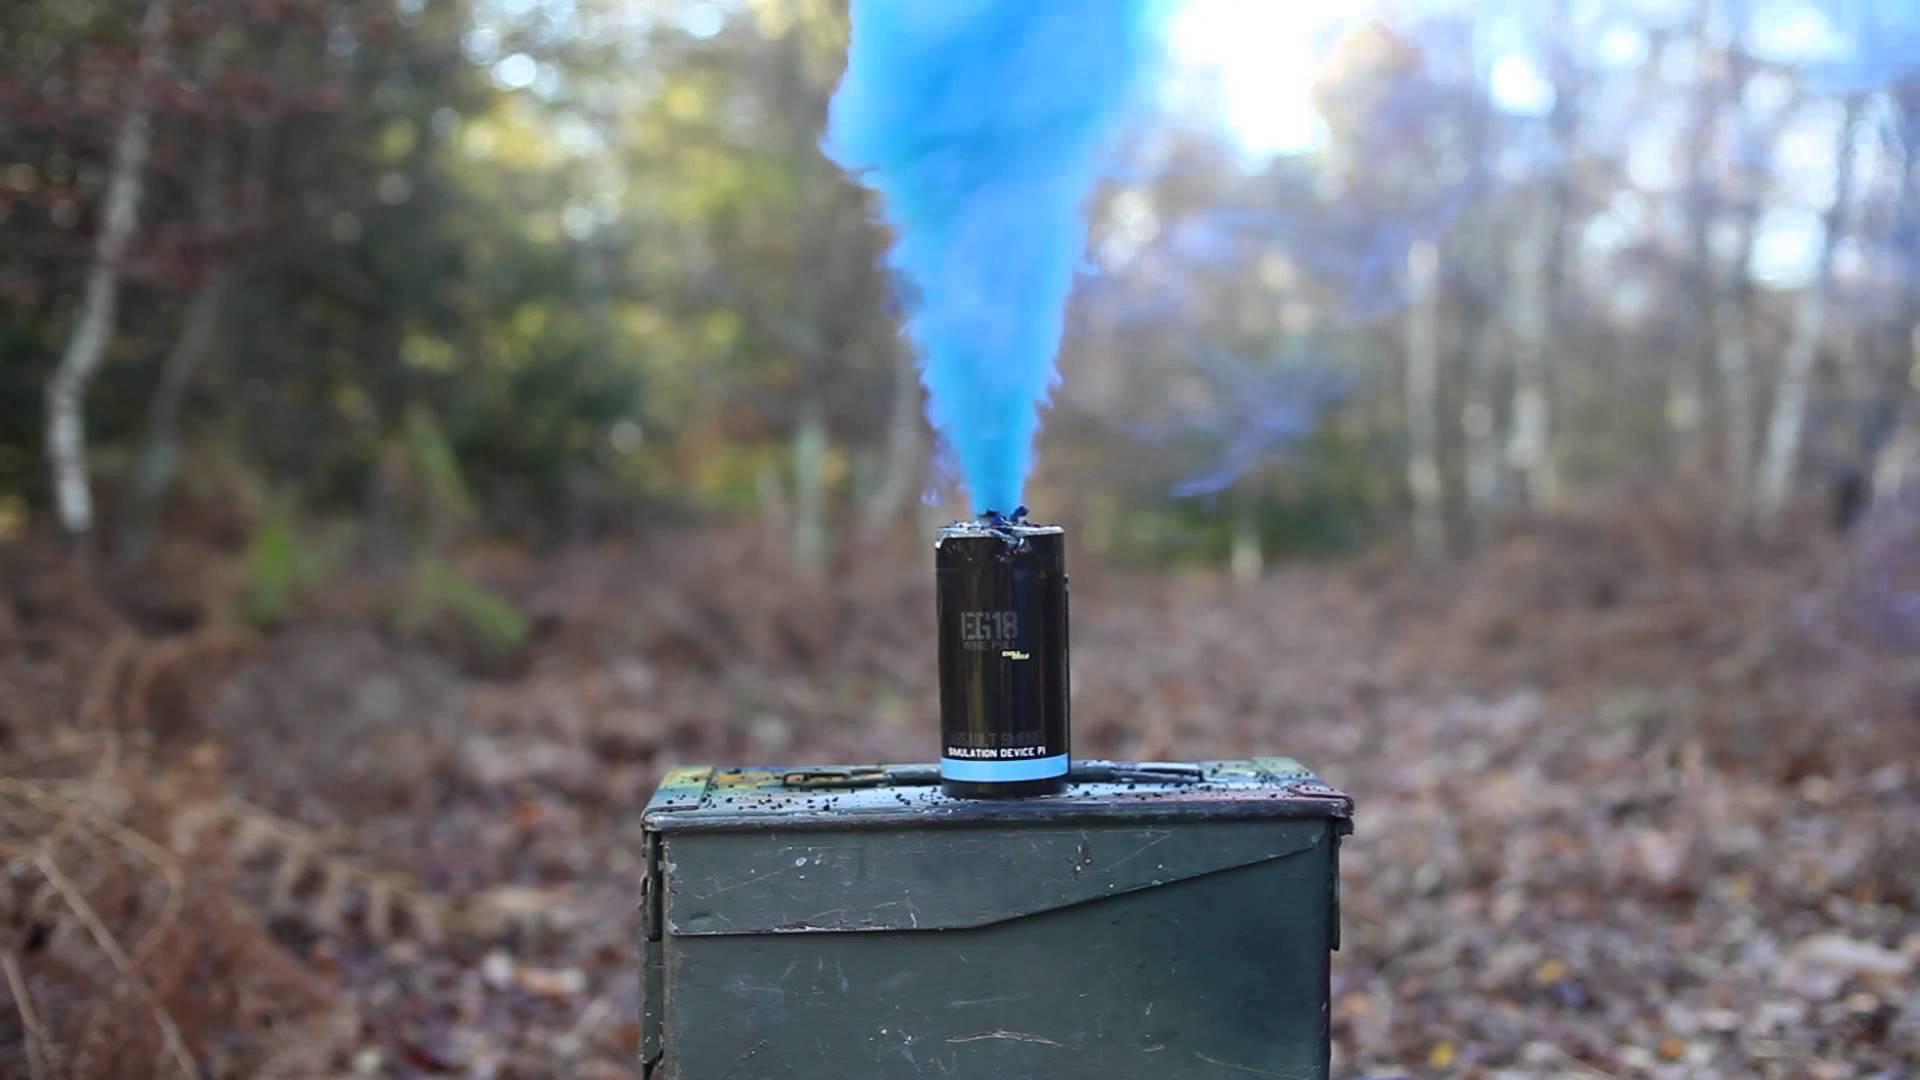 Image of EG18 Smoke Grenade Bundle